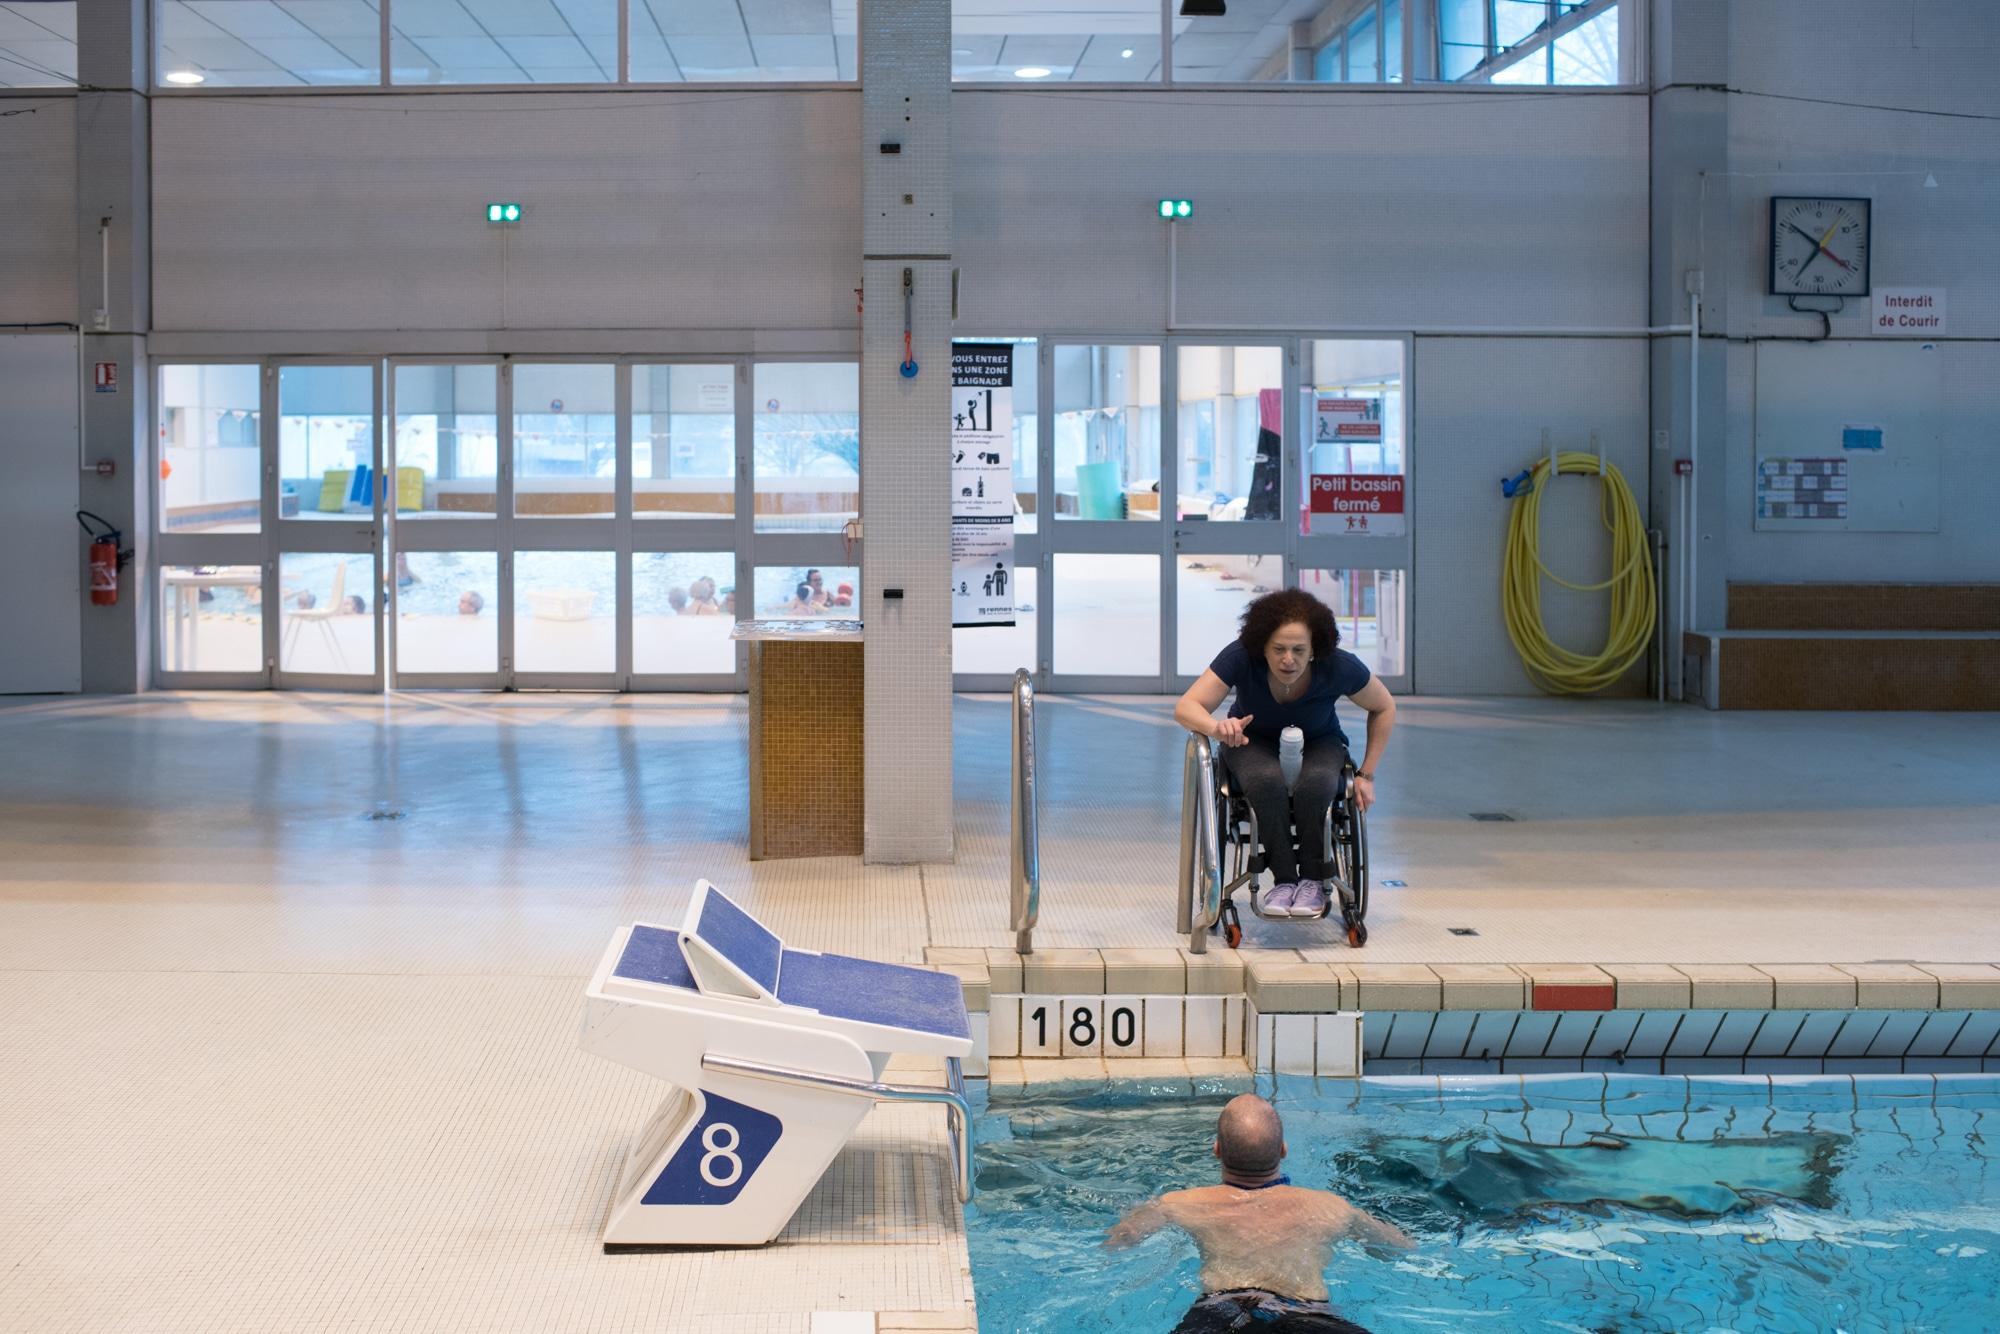 Hadda, penchée en avant sur son siège, vers le niveau de l'eau, s'adresse à un nageur.